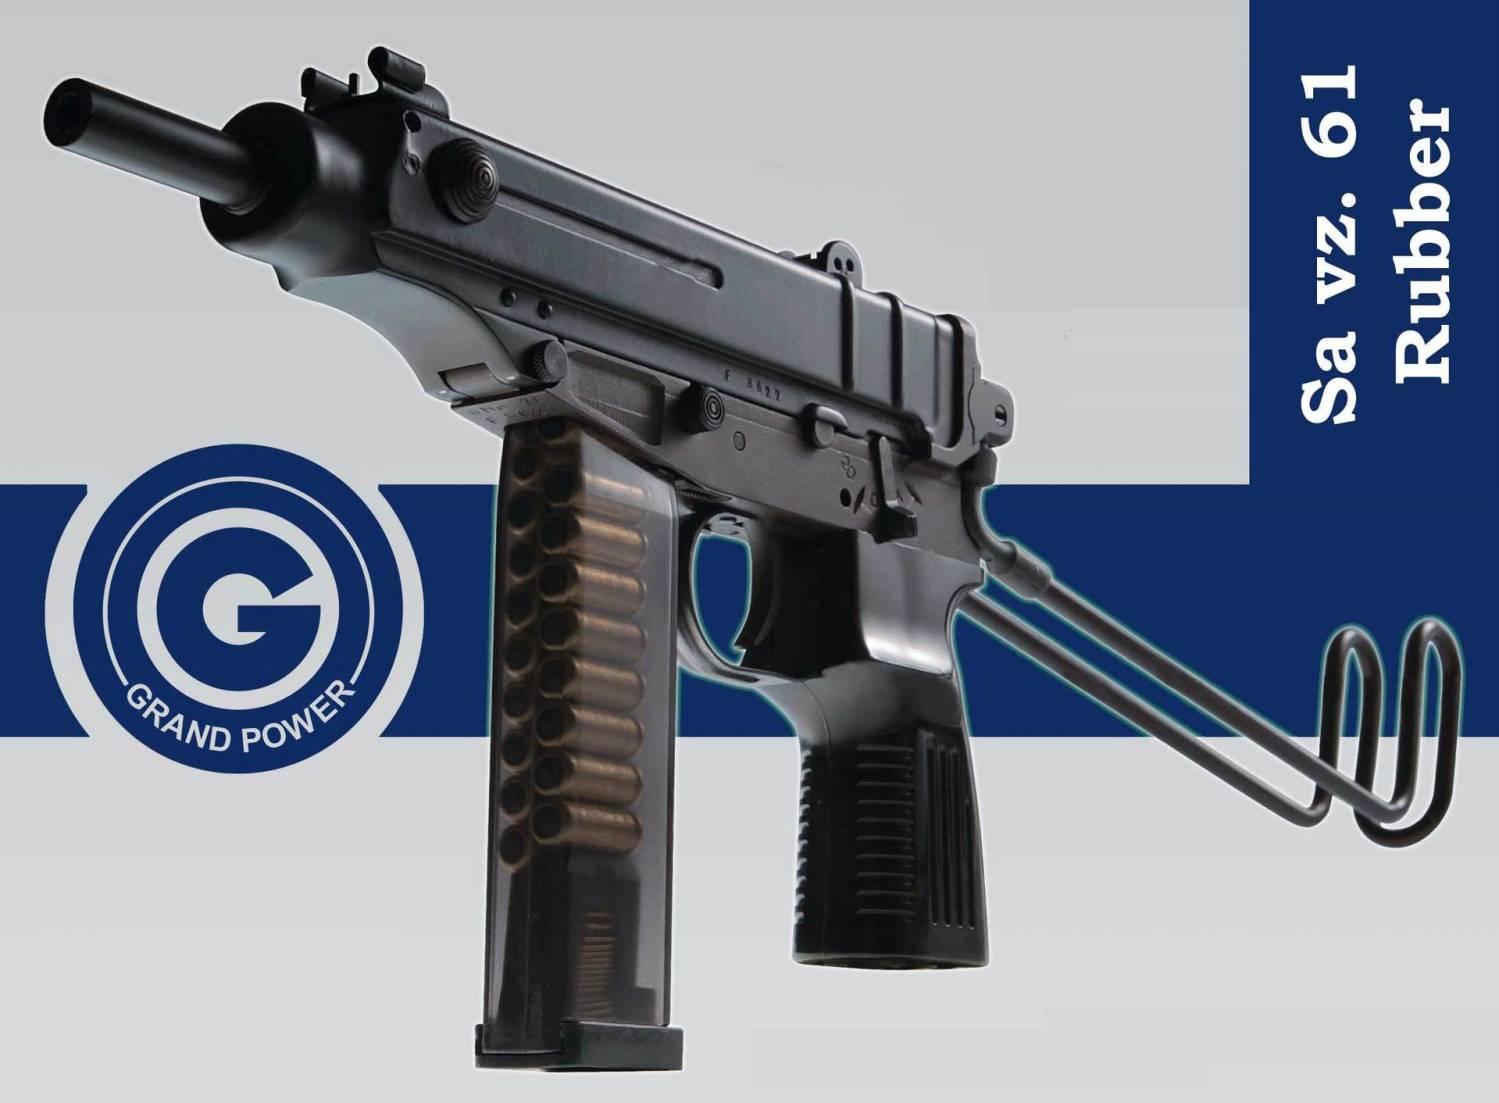 Оружие самообороны оружие не шутка